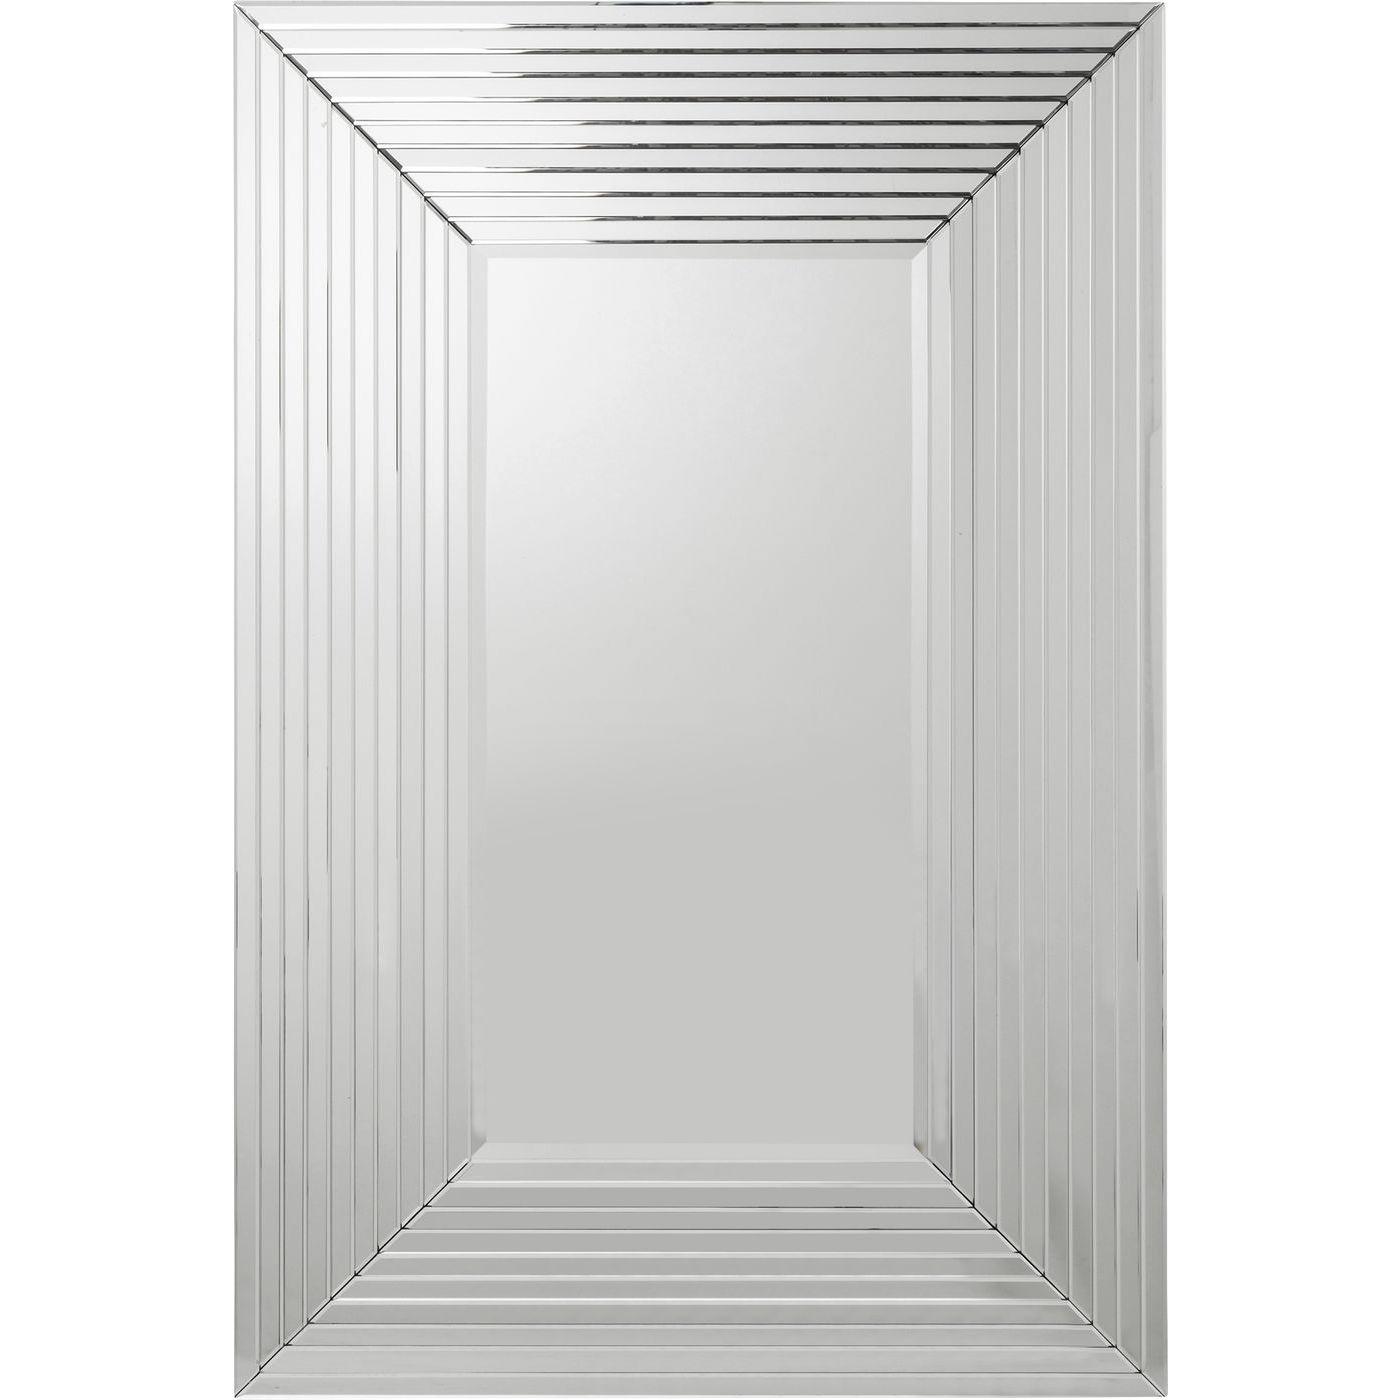 Billede af Kare Design Spejl, Linea Rectangular 150x100cm